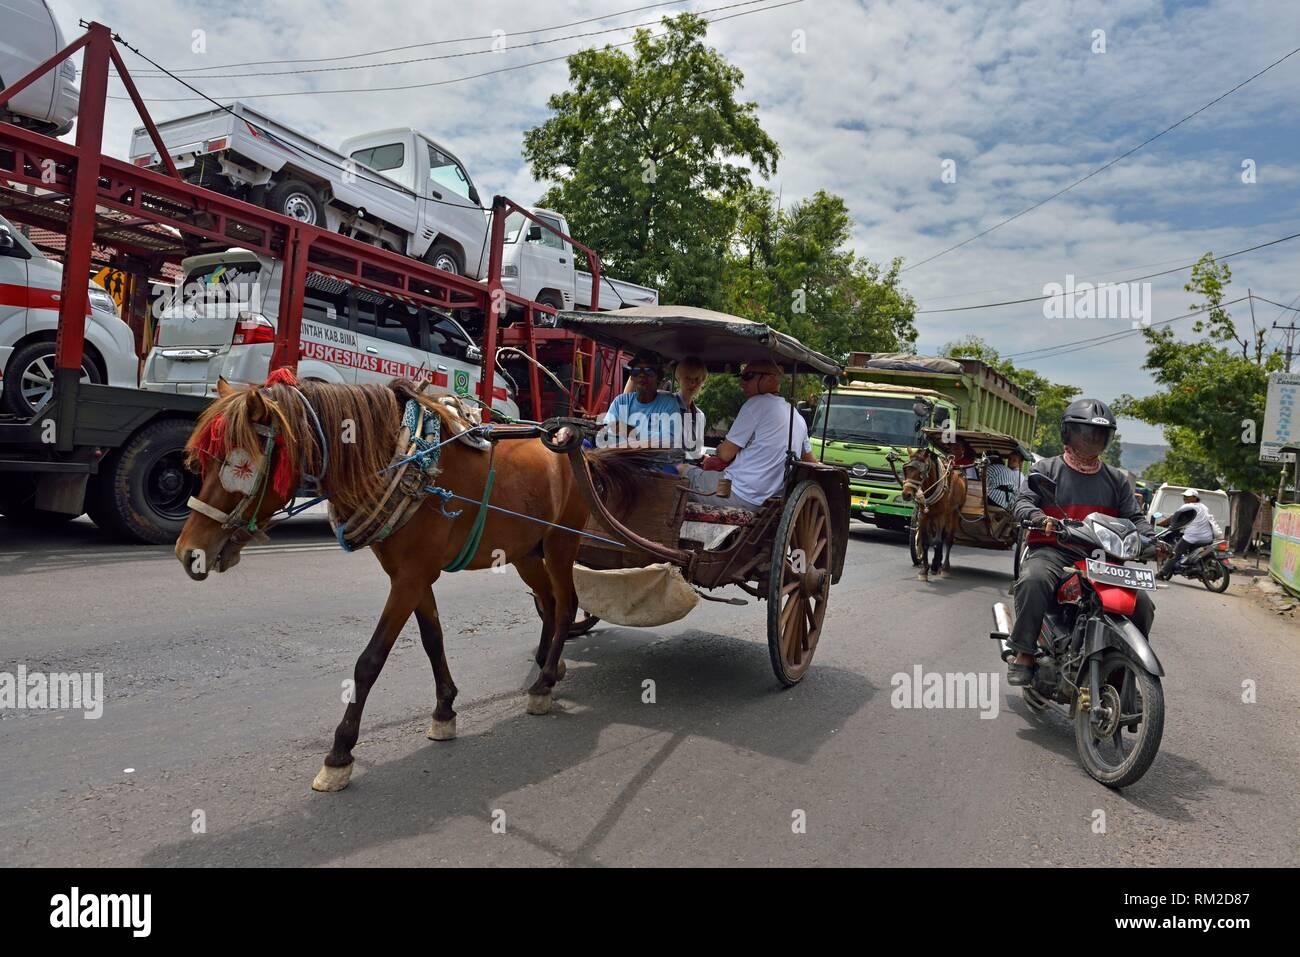 ''Dokar'' equitazione, carrozza trainata da cavalli, un tipico mezzo indonesiano di trasporto, Lasem, isola di Giava, in Indonesia, sud-est asiatico. Immagini Stock